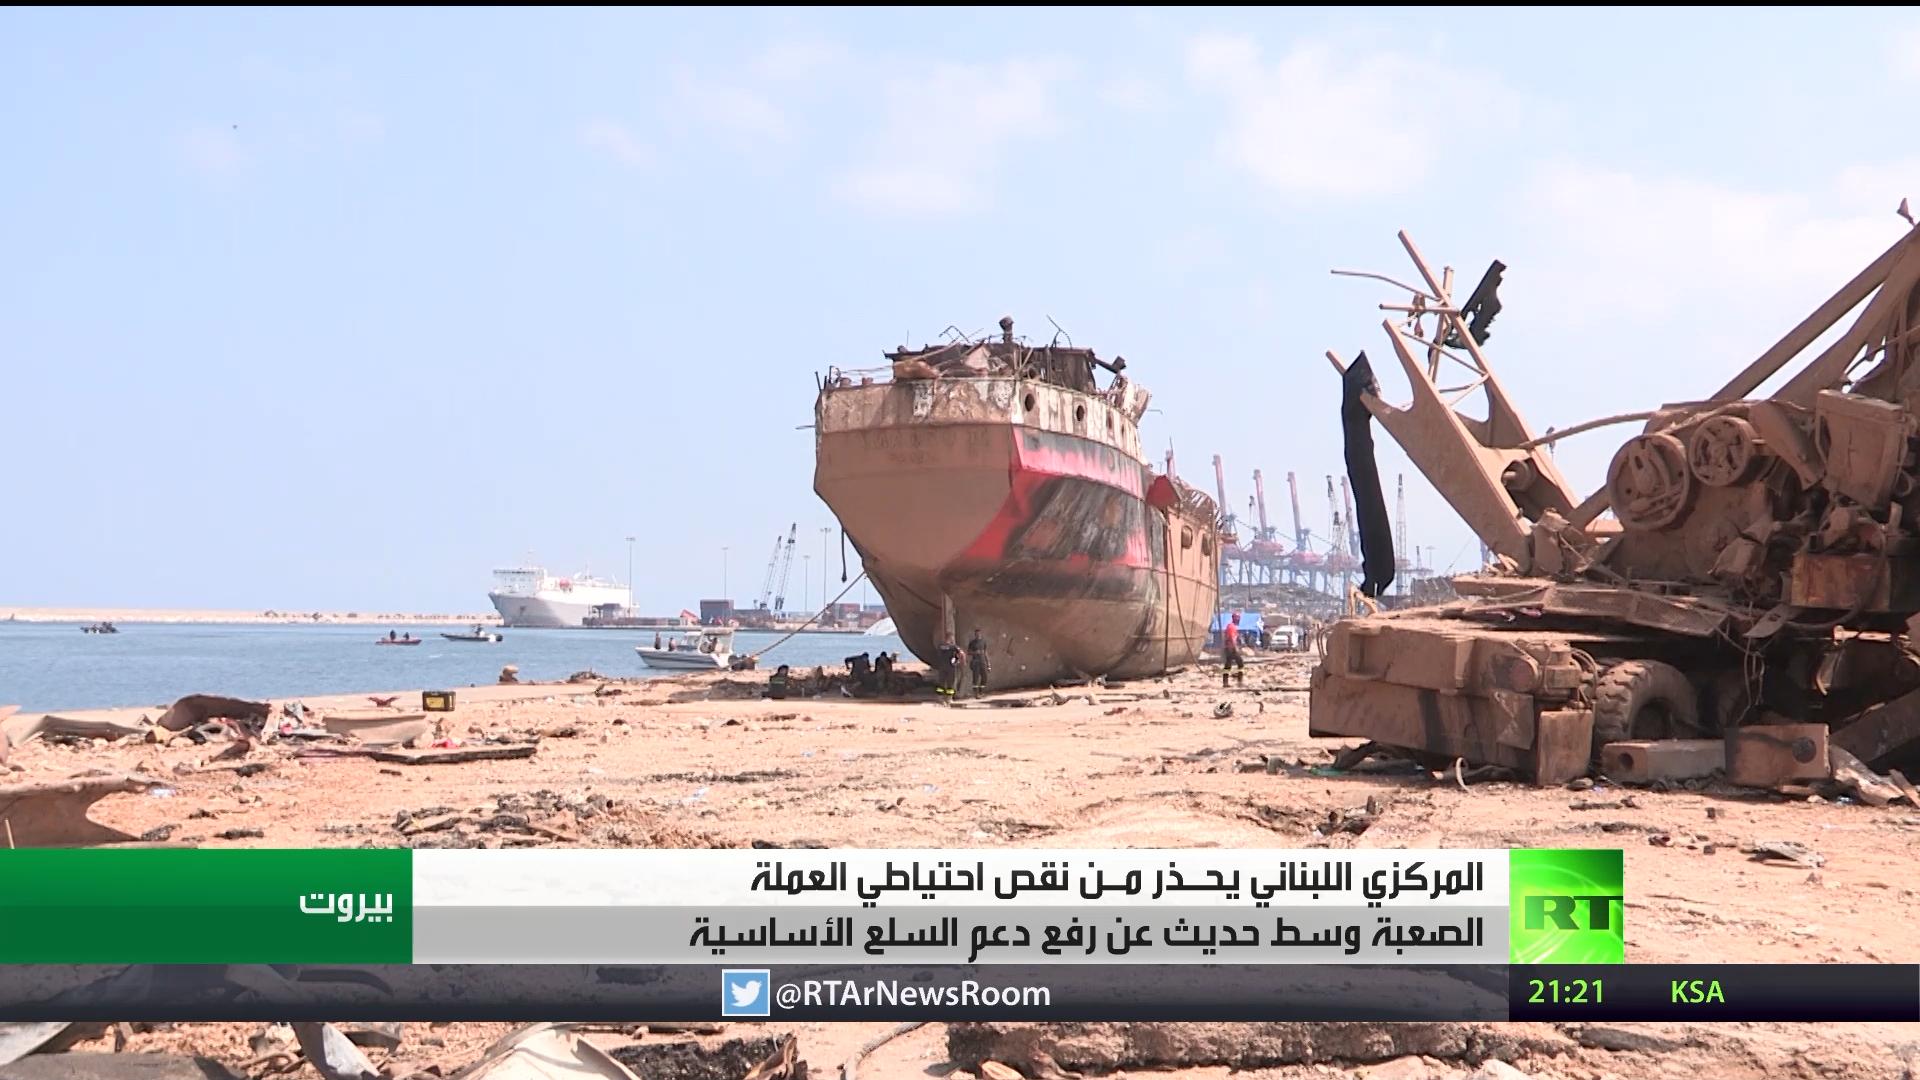 لبنان.. تفاقم الأزمات وحديث عن رفع الدعم